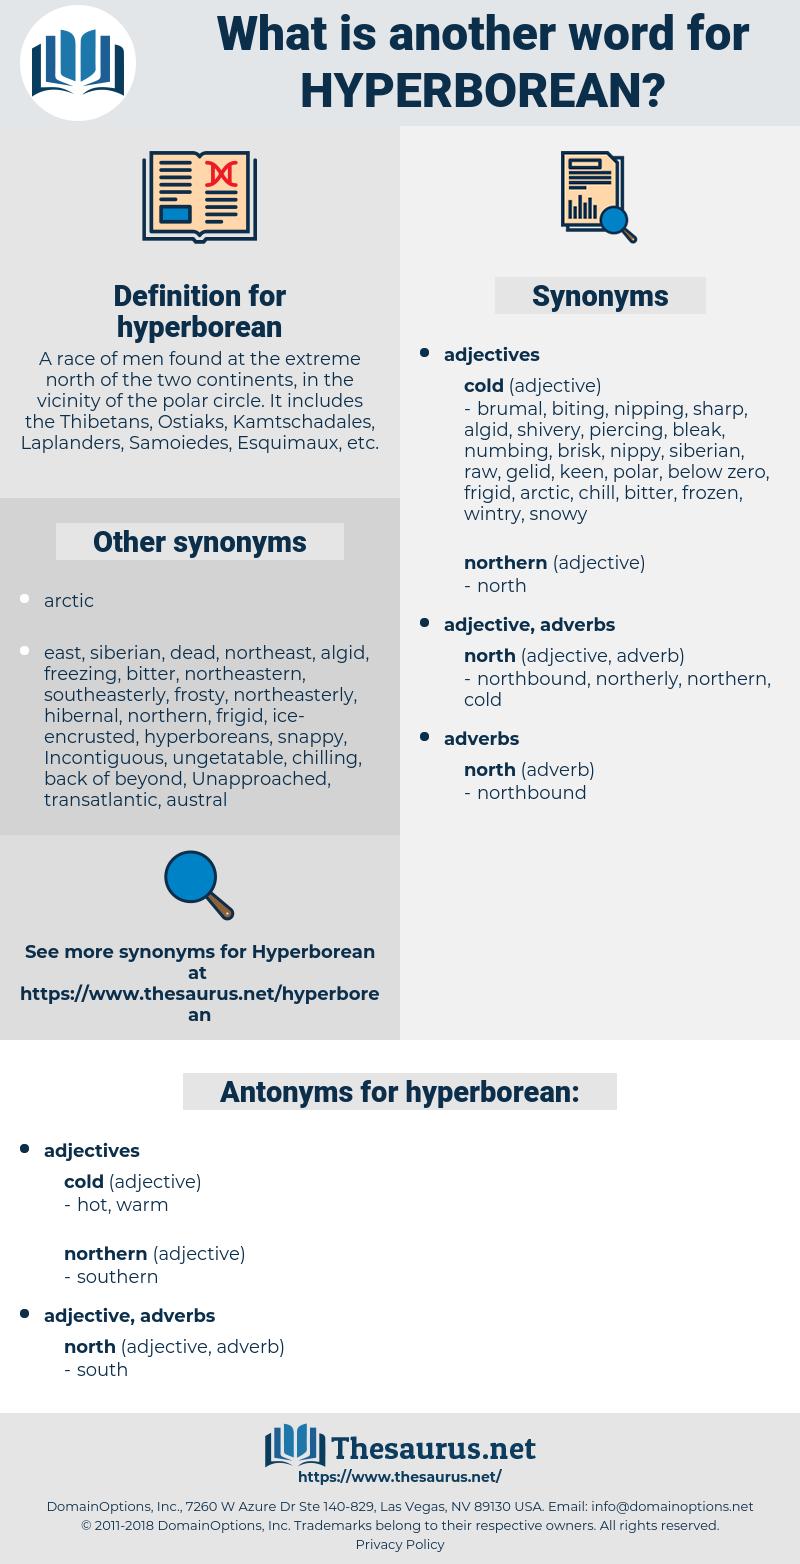 hyperborean, synonym hyperborean, another word for hyperborean, words like hyperborean, thesaurus hyperborean